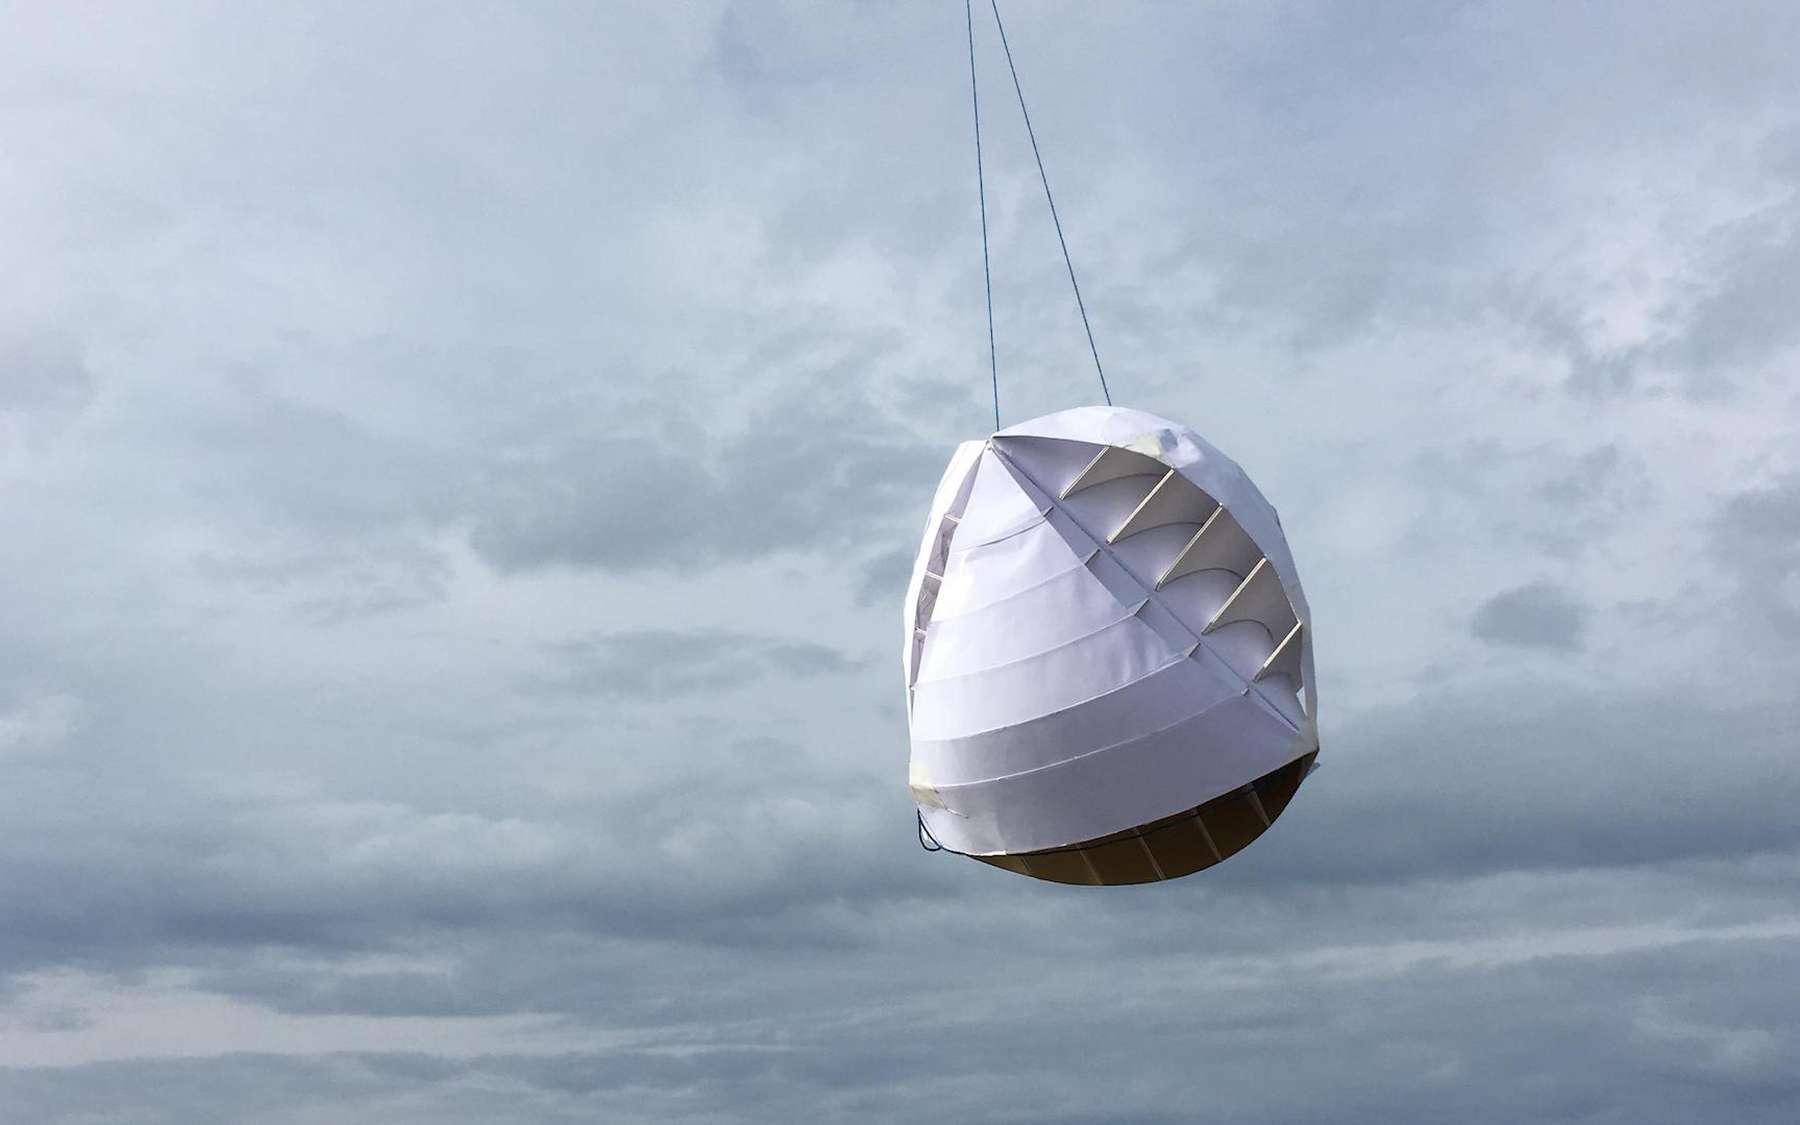 L'O-Wind, une éolienne sphérique pour les habitations urbaines, remporte le premier prix international du James Dyson Award 2018. © James Dyson Award